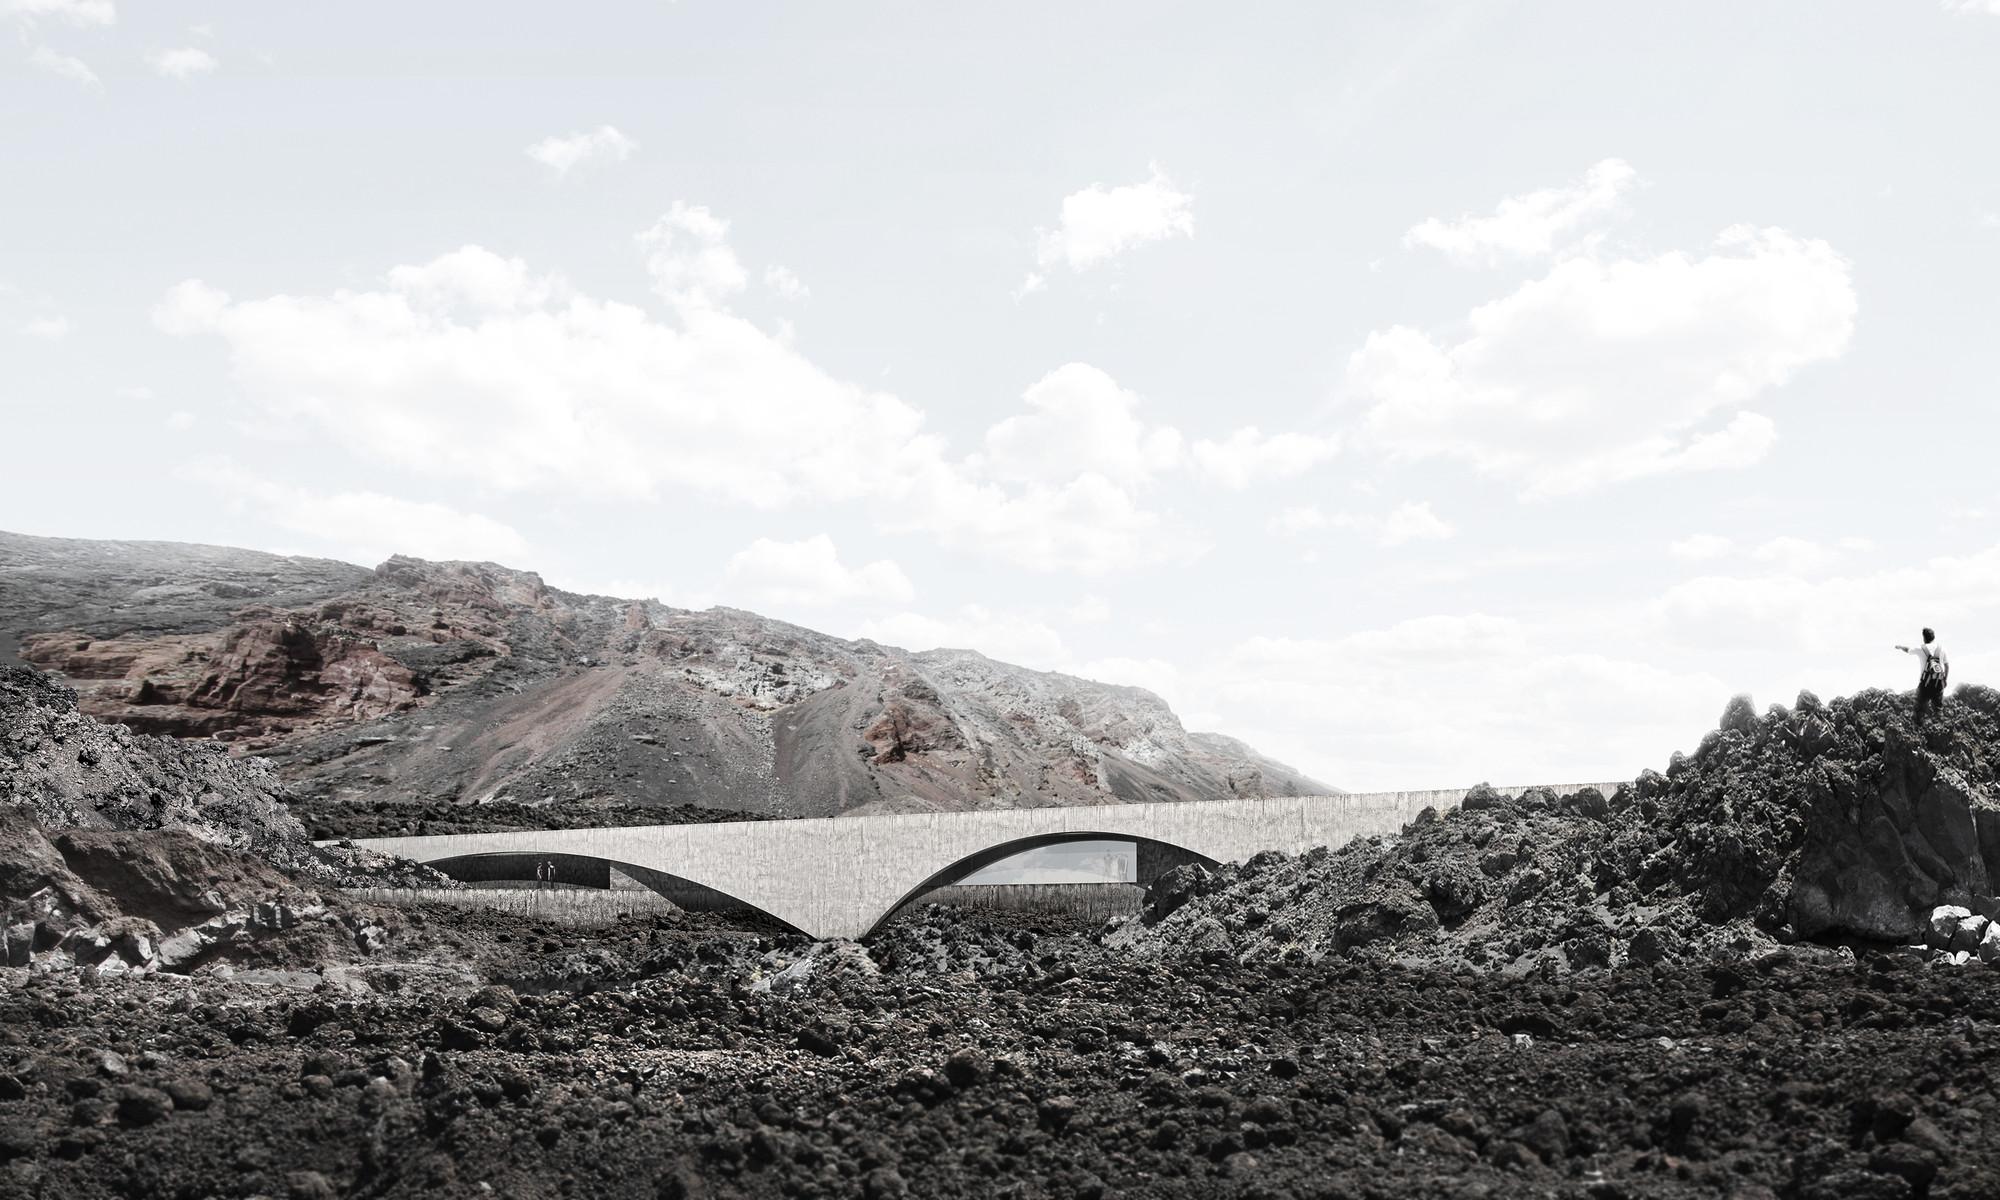 XLII, propuesta finalista en concurso de ideas para el nuevo balneario de la Fuente Santa / España, Cortesia de Equipo Finalista